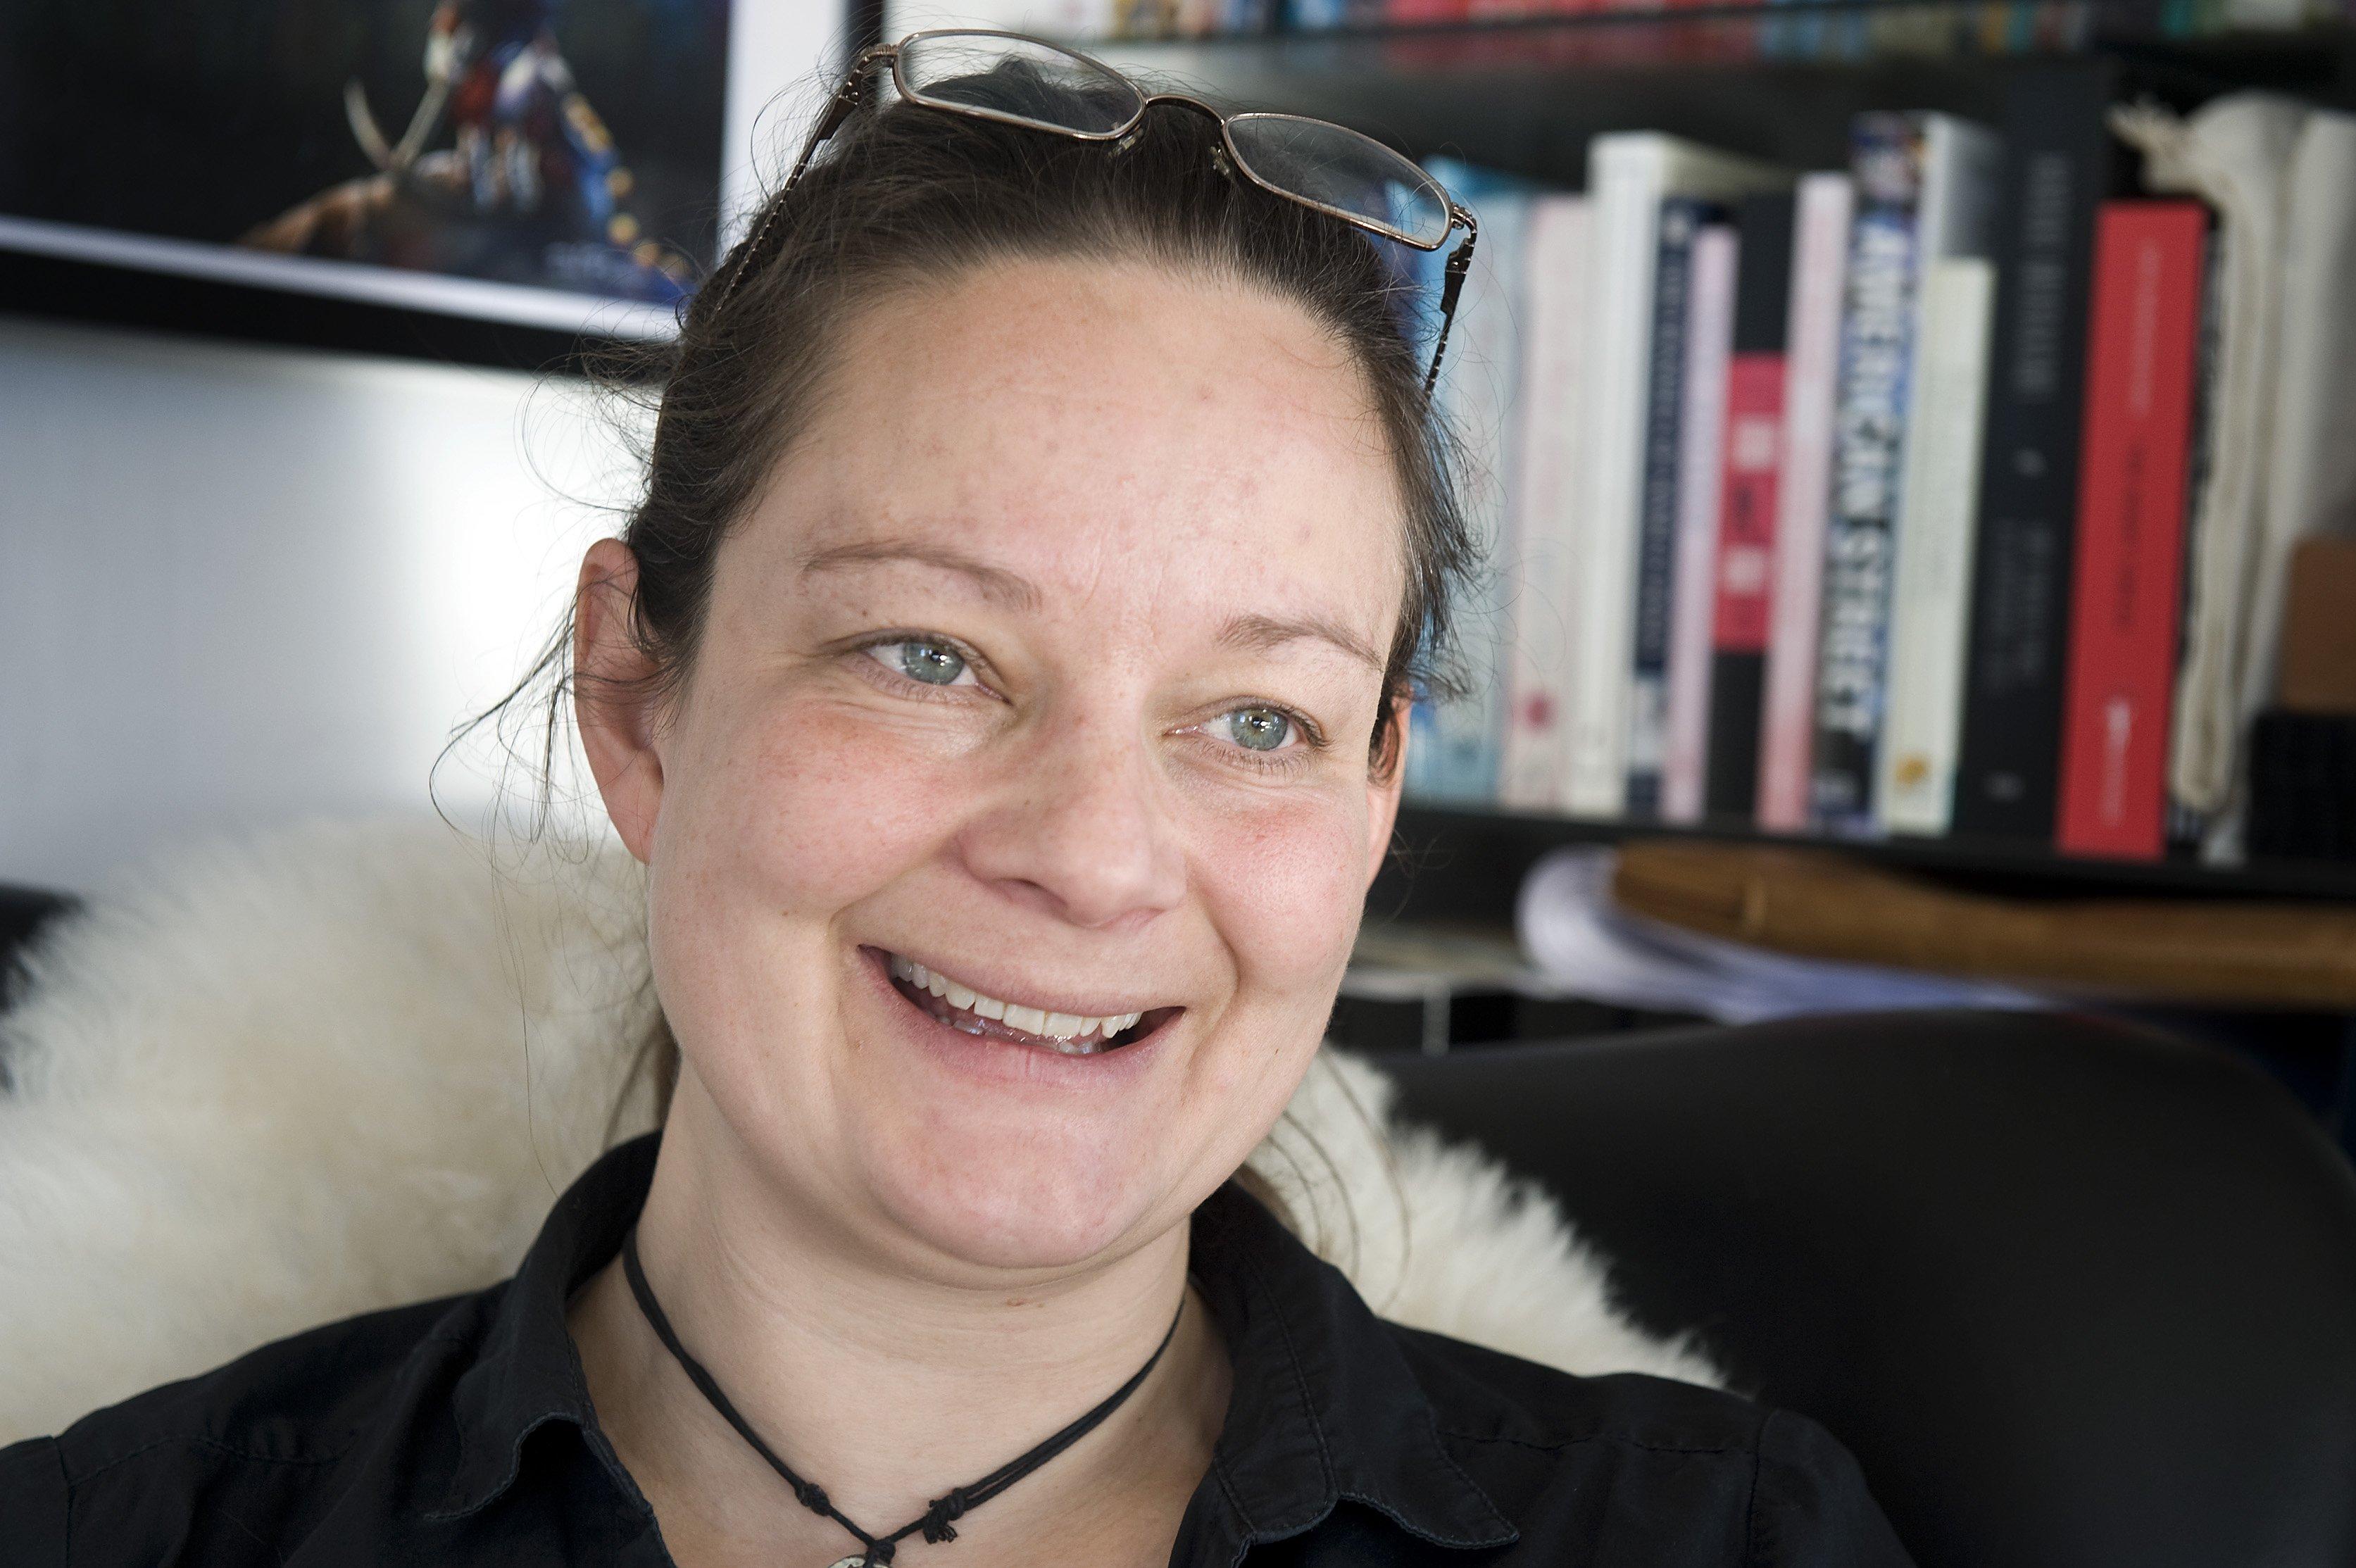 Lise Bidstrup skriver hovedsagligt bøger til børn og unge. Hun brænder for at tænde en ild i dem, så de får lyst til at læse og lære. –